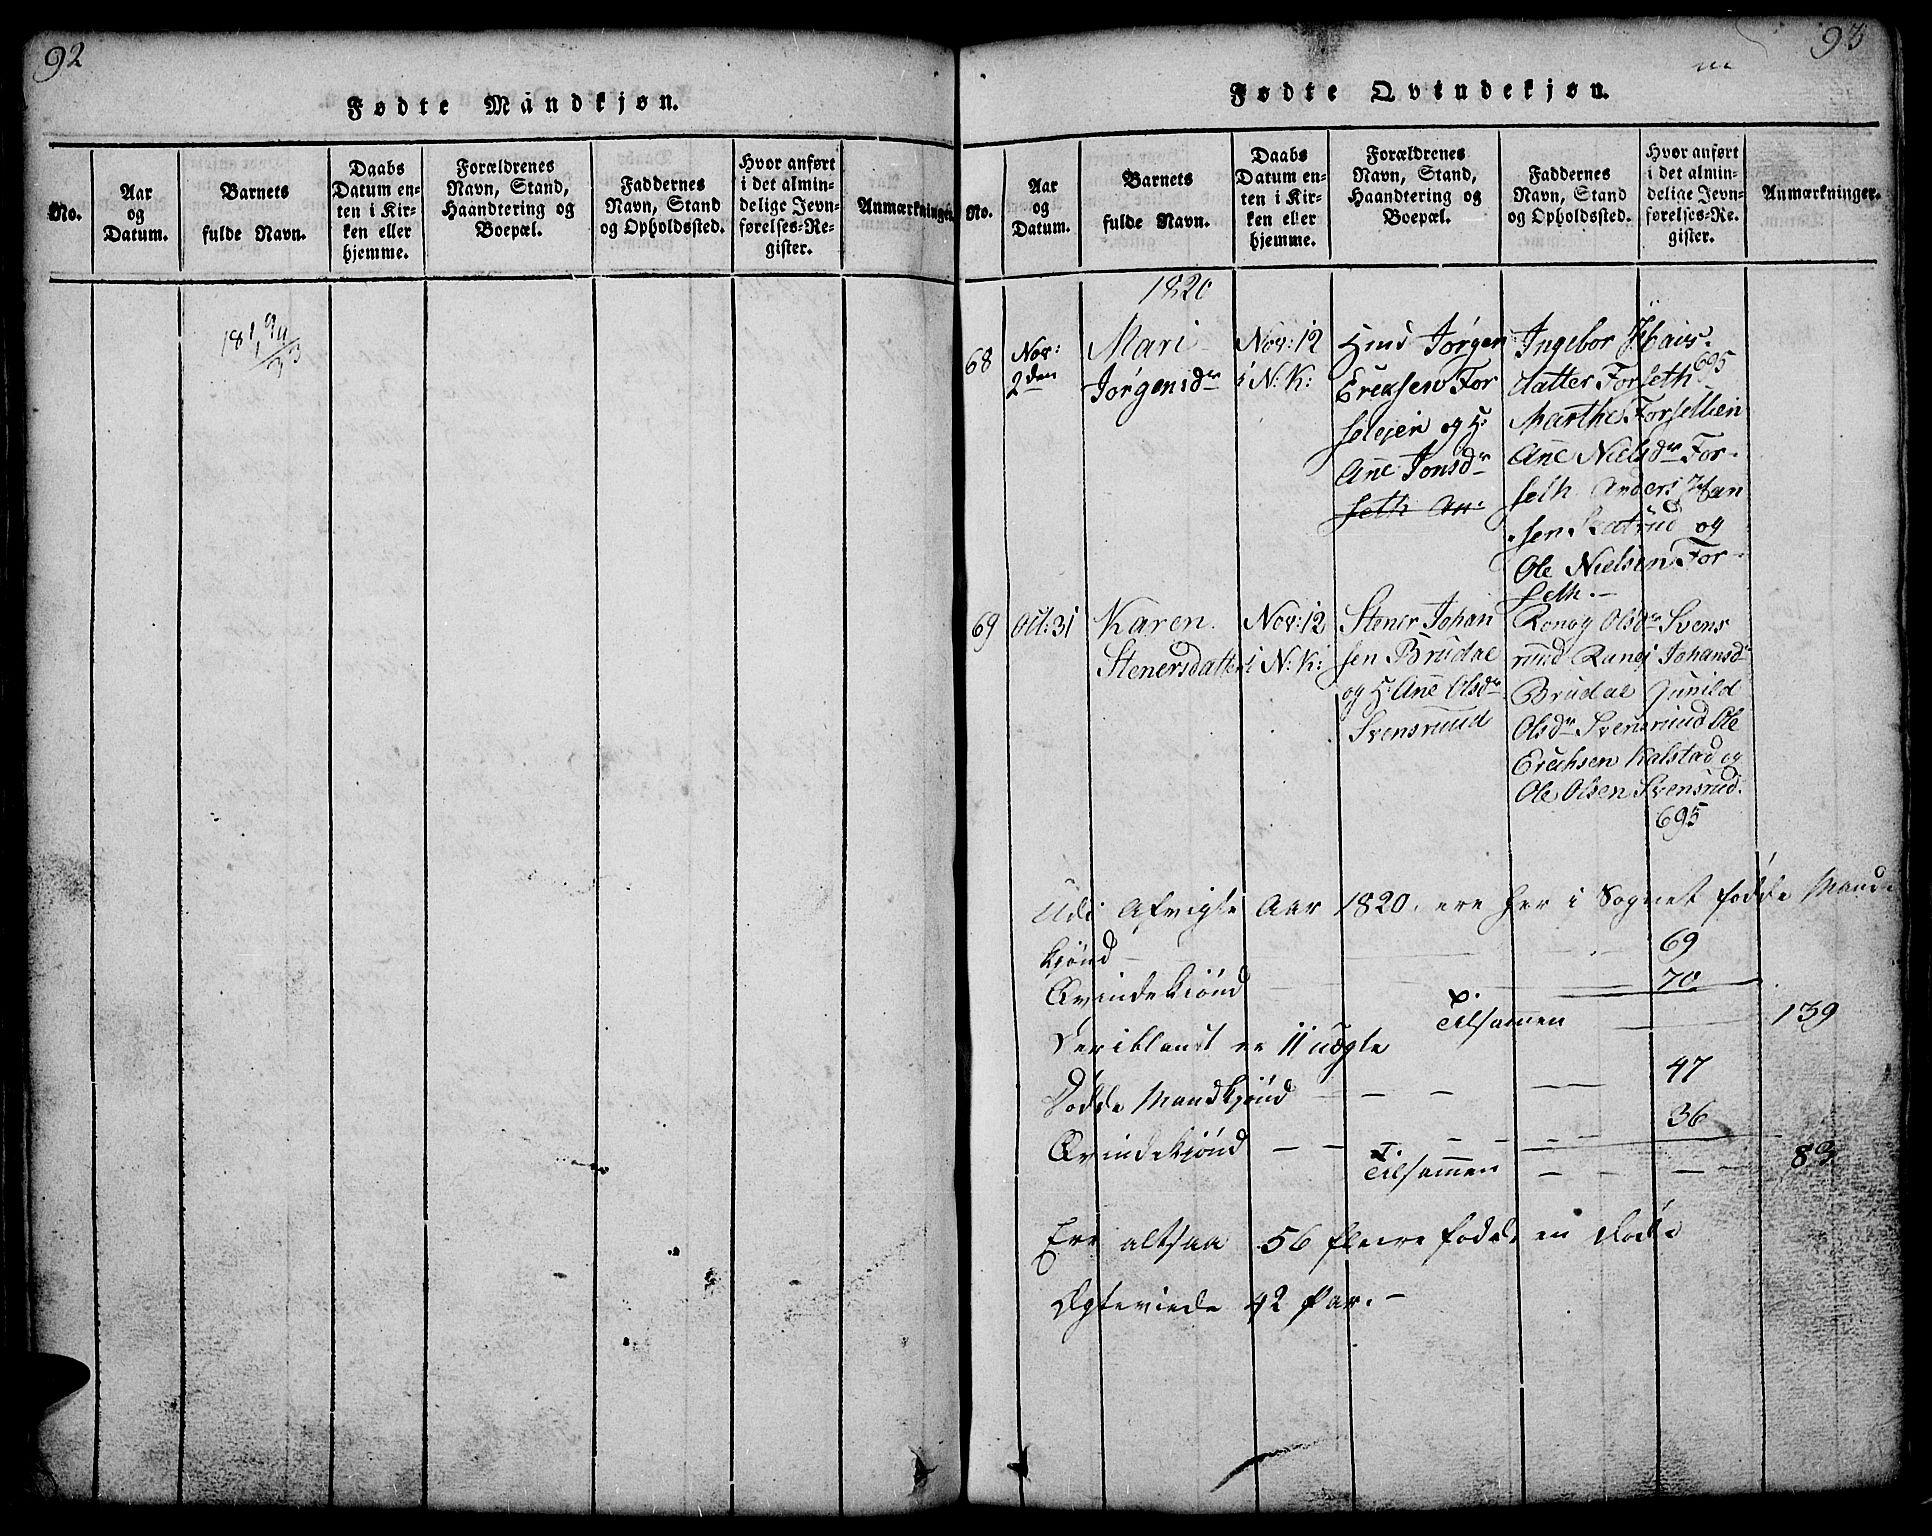 SAH, Gausdal prestekontor, Klokkerbok nr. 1, 1817-1848, s. 92-93